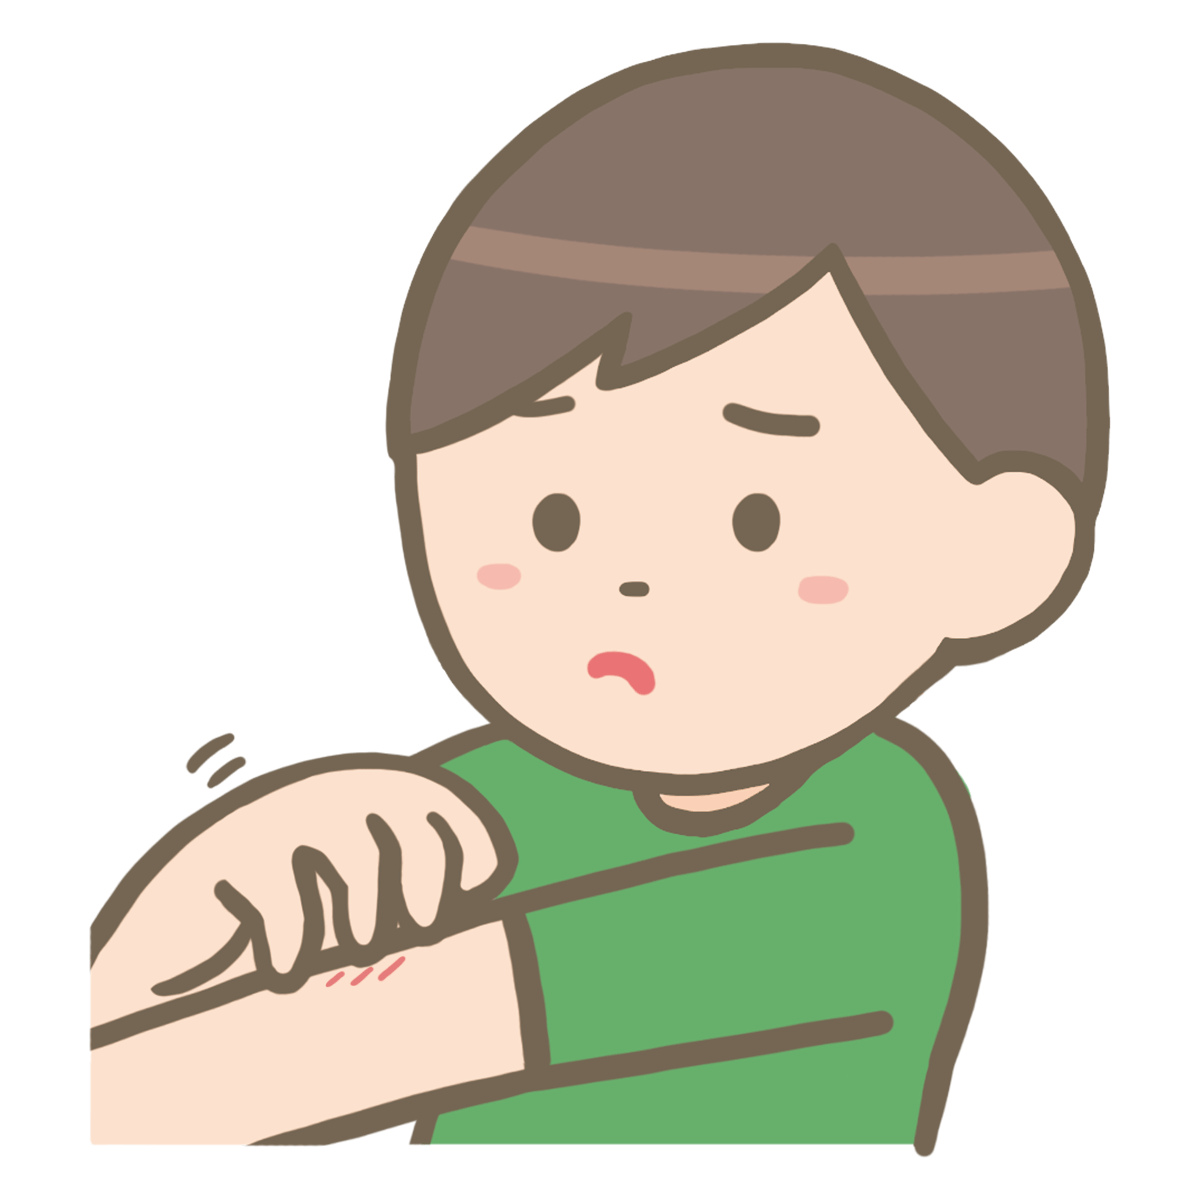 腕を掻く男性のイラスト